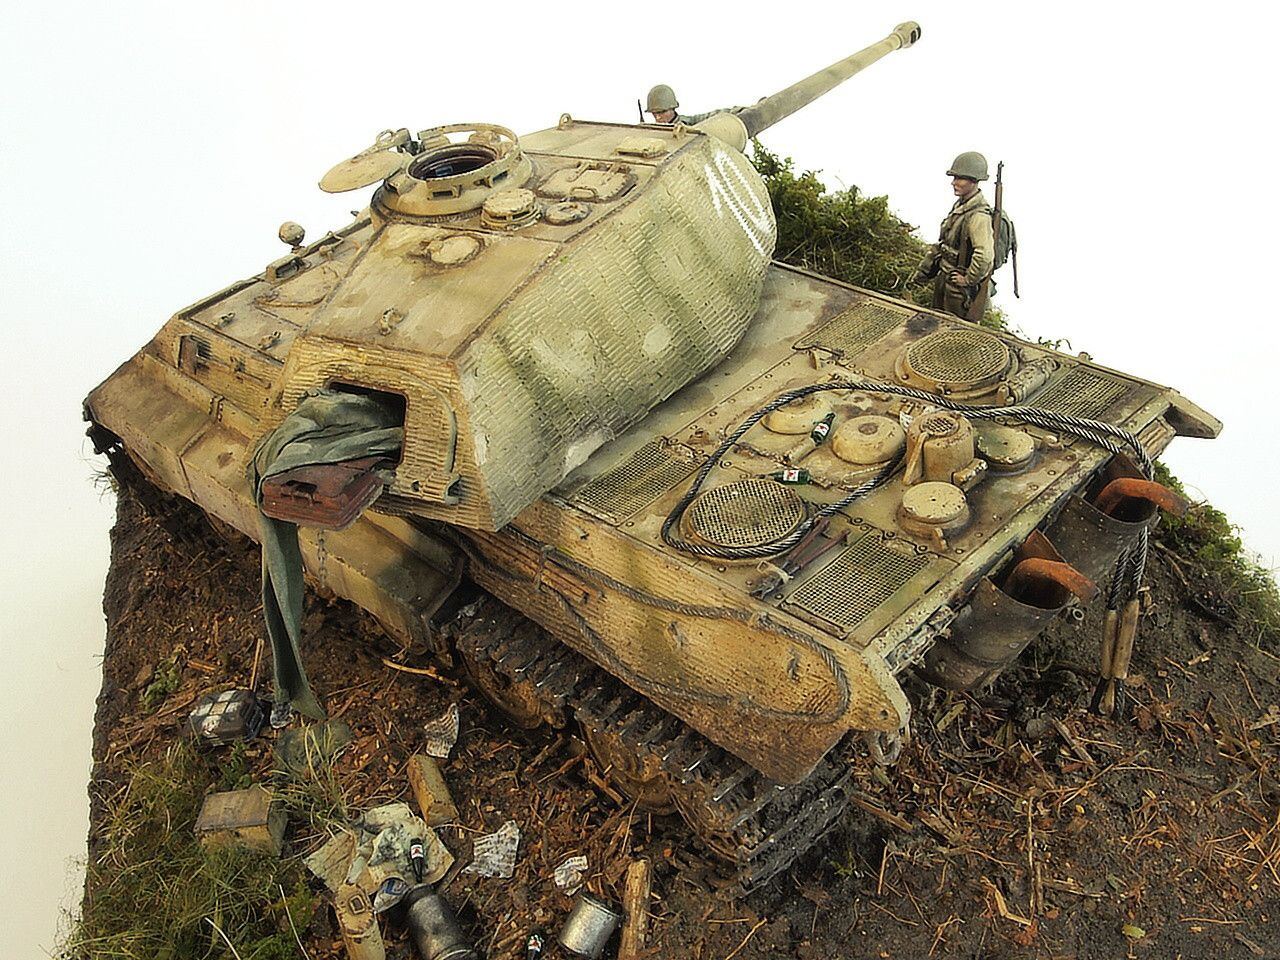 Plastic Model King Tiger Porsche Panzerkompanie 316 Dragon